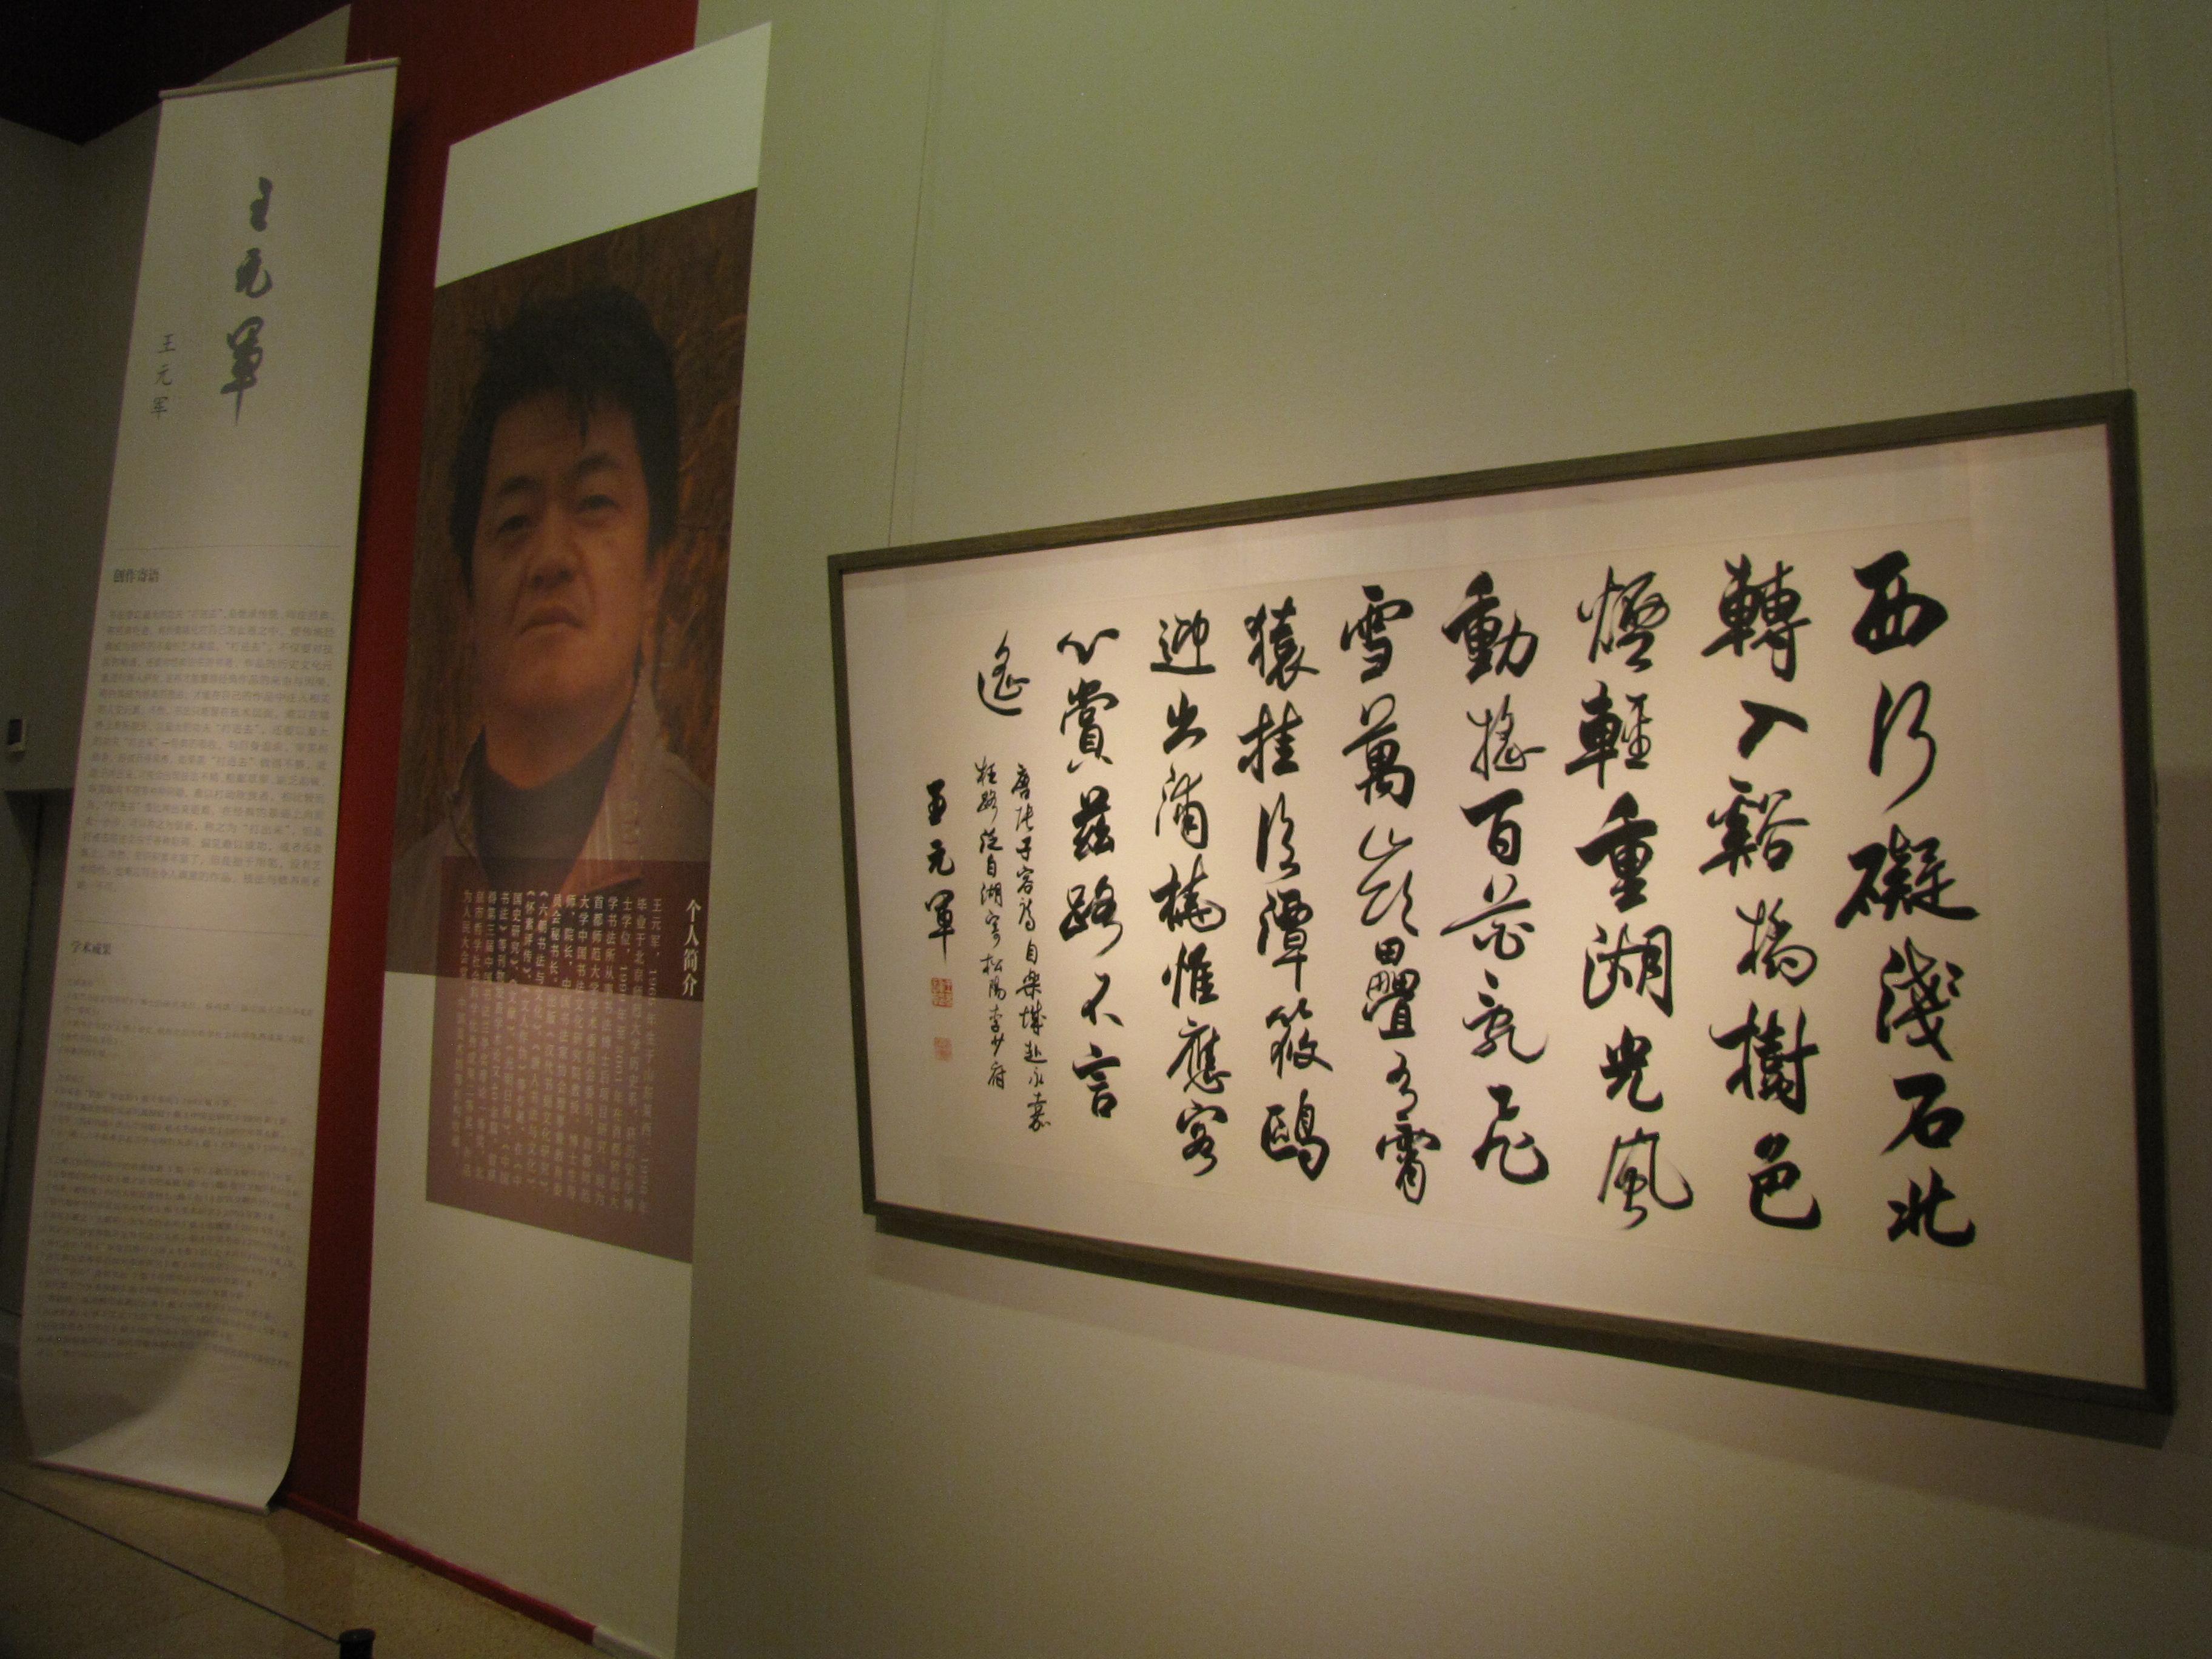 中国美术馆现在有26位书法家的翰墨传承展图片